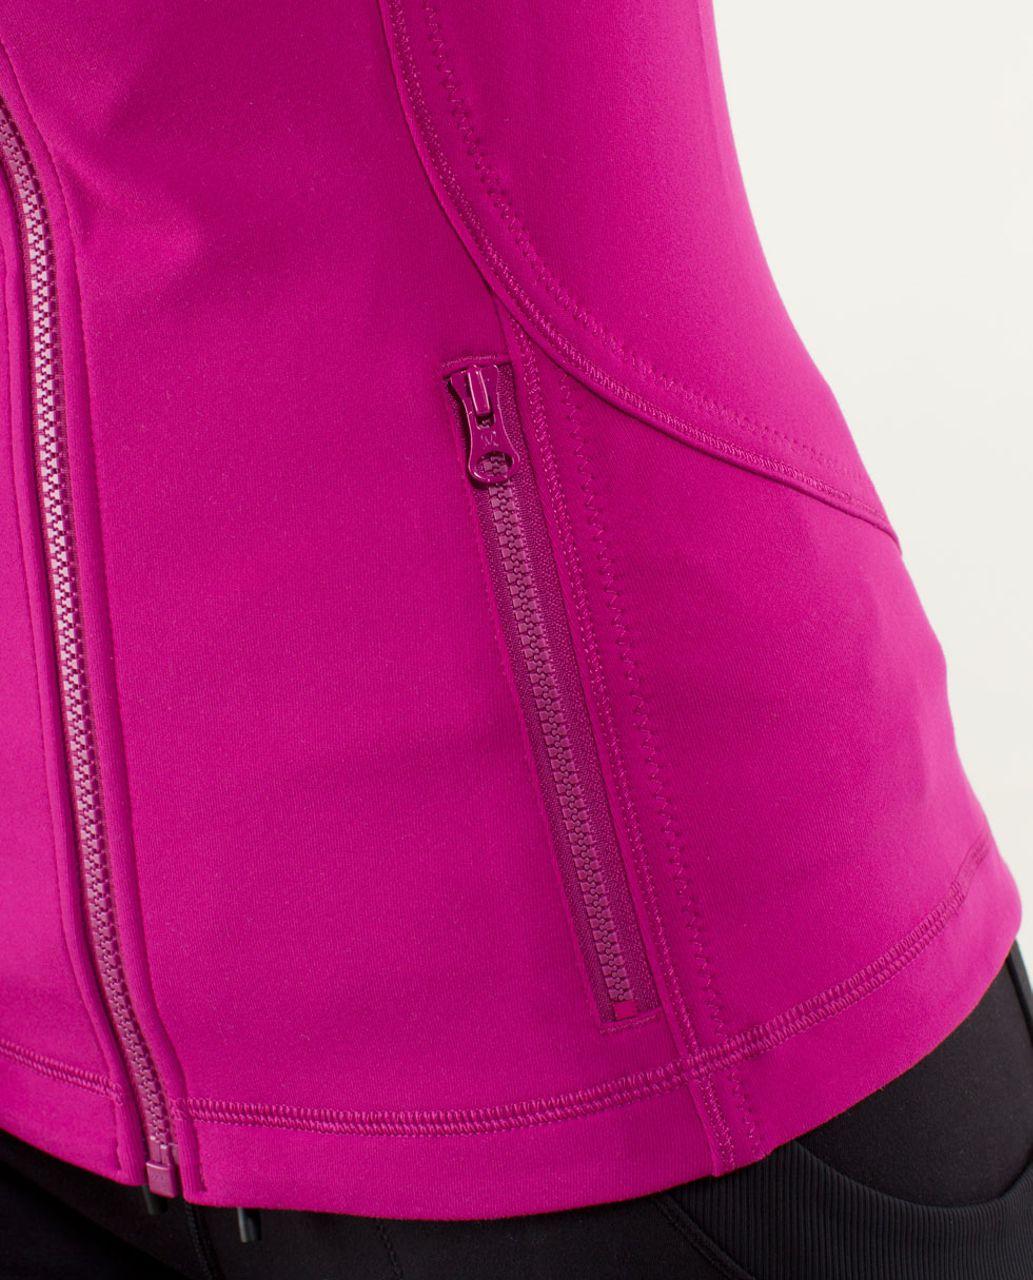 Lululemon Forme Jacket II *Brushed - Raspberry